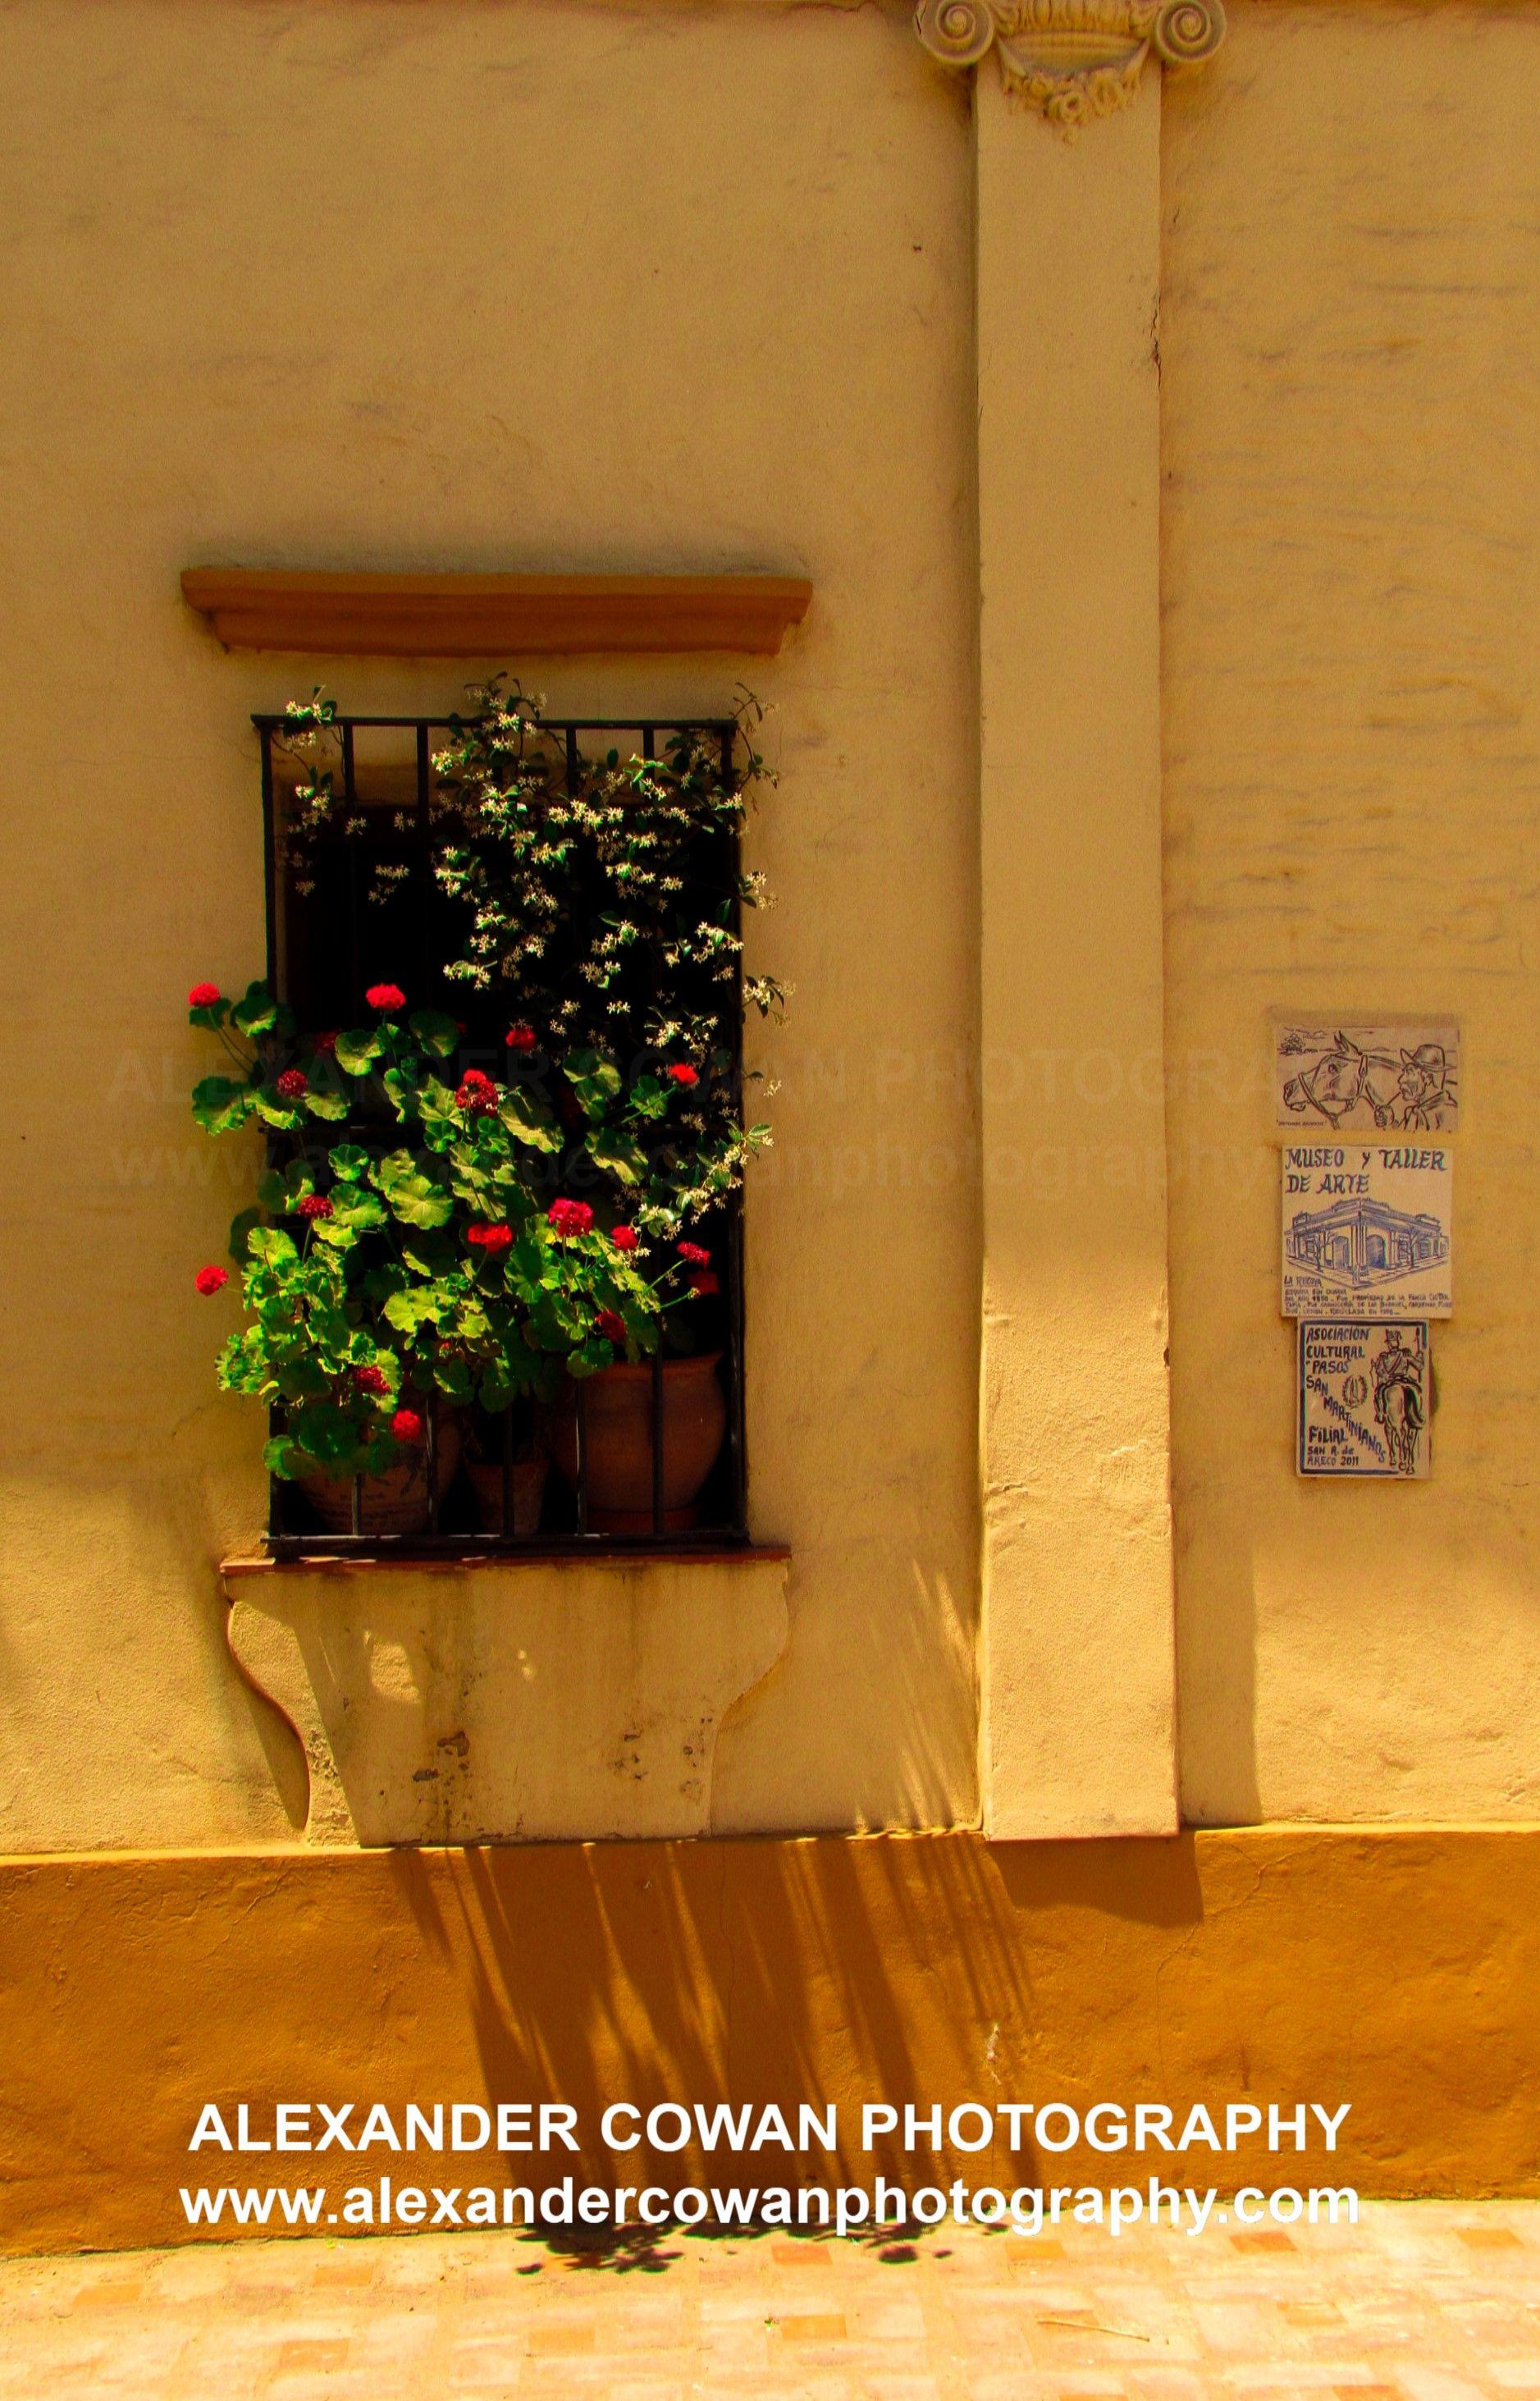 Calling of flowers flowers san antonio de areco